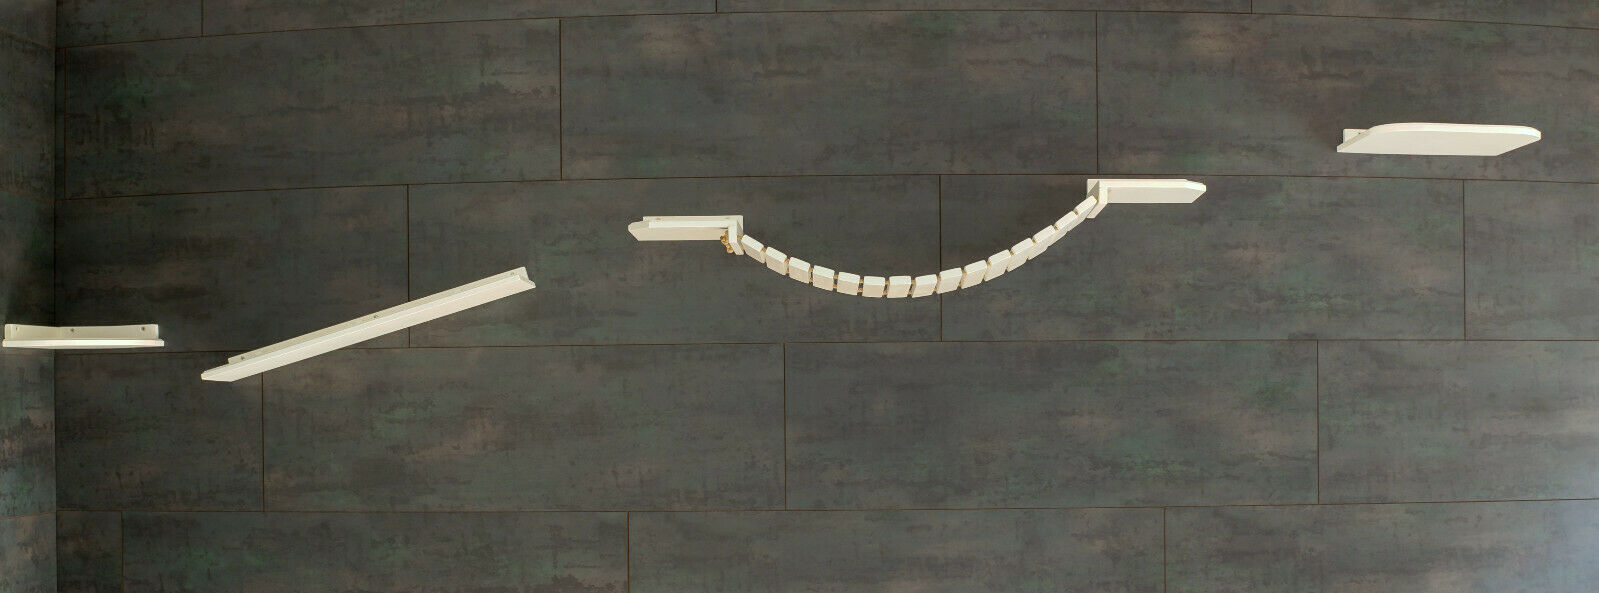 Gatti muro parete Park  gatti mobili, completamente Park OFFERTA OFFERTA OFFERTA  in bianco (23z) 3f3481